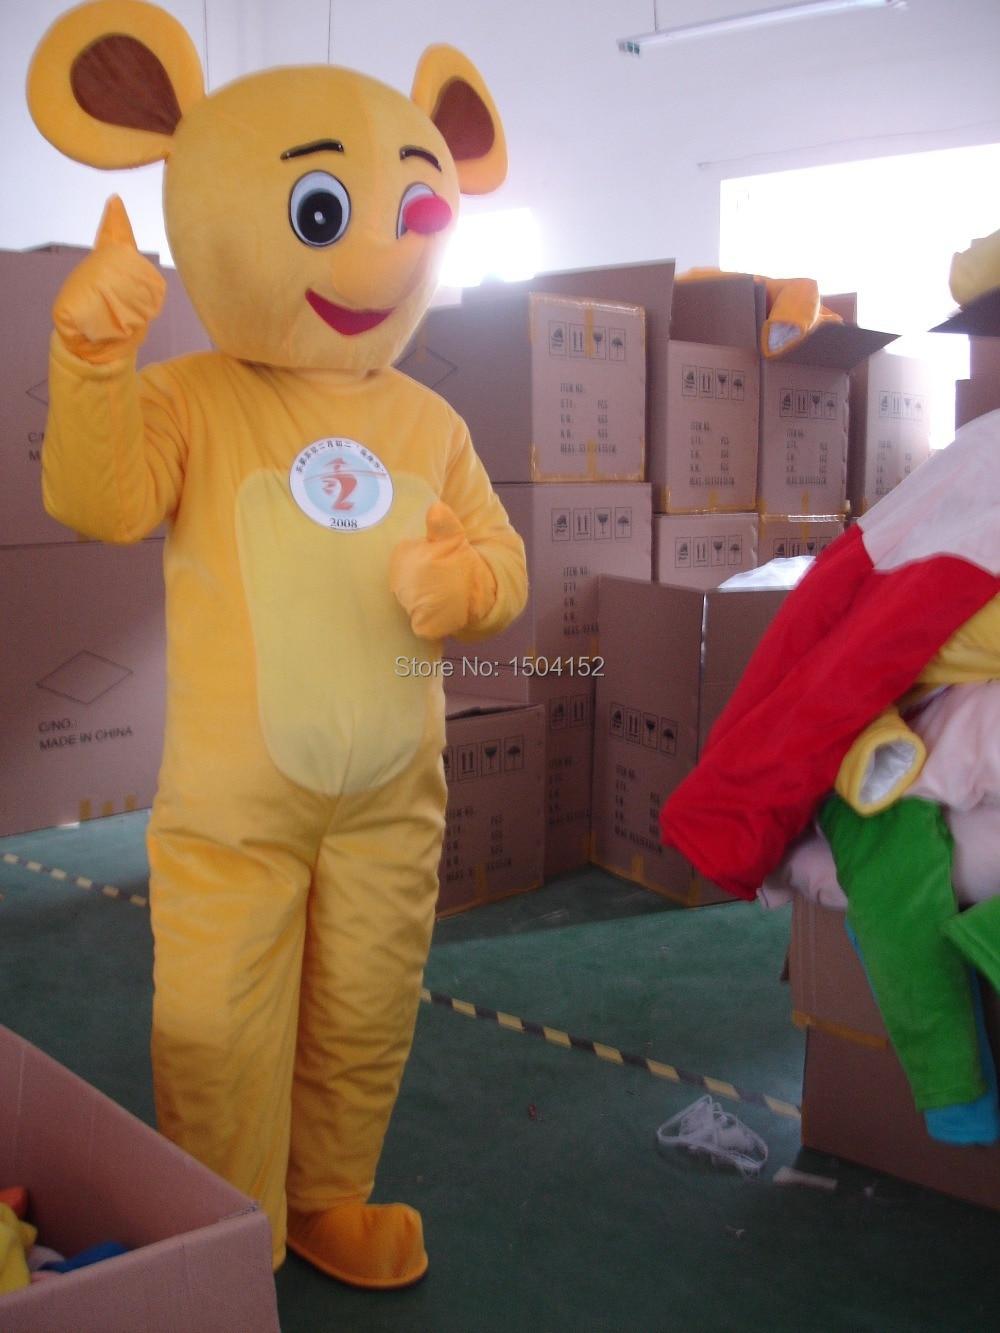 Souris jaune mascotte Costume adulte personnage Costume Cosplay mascotte costume livraison gratuite